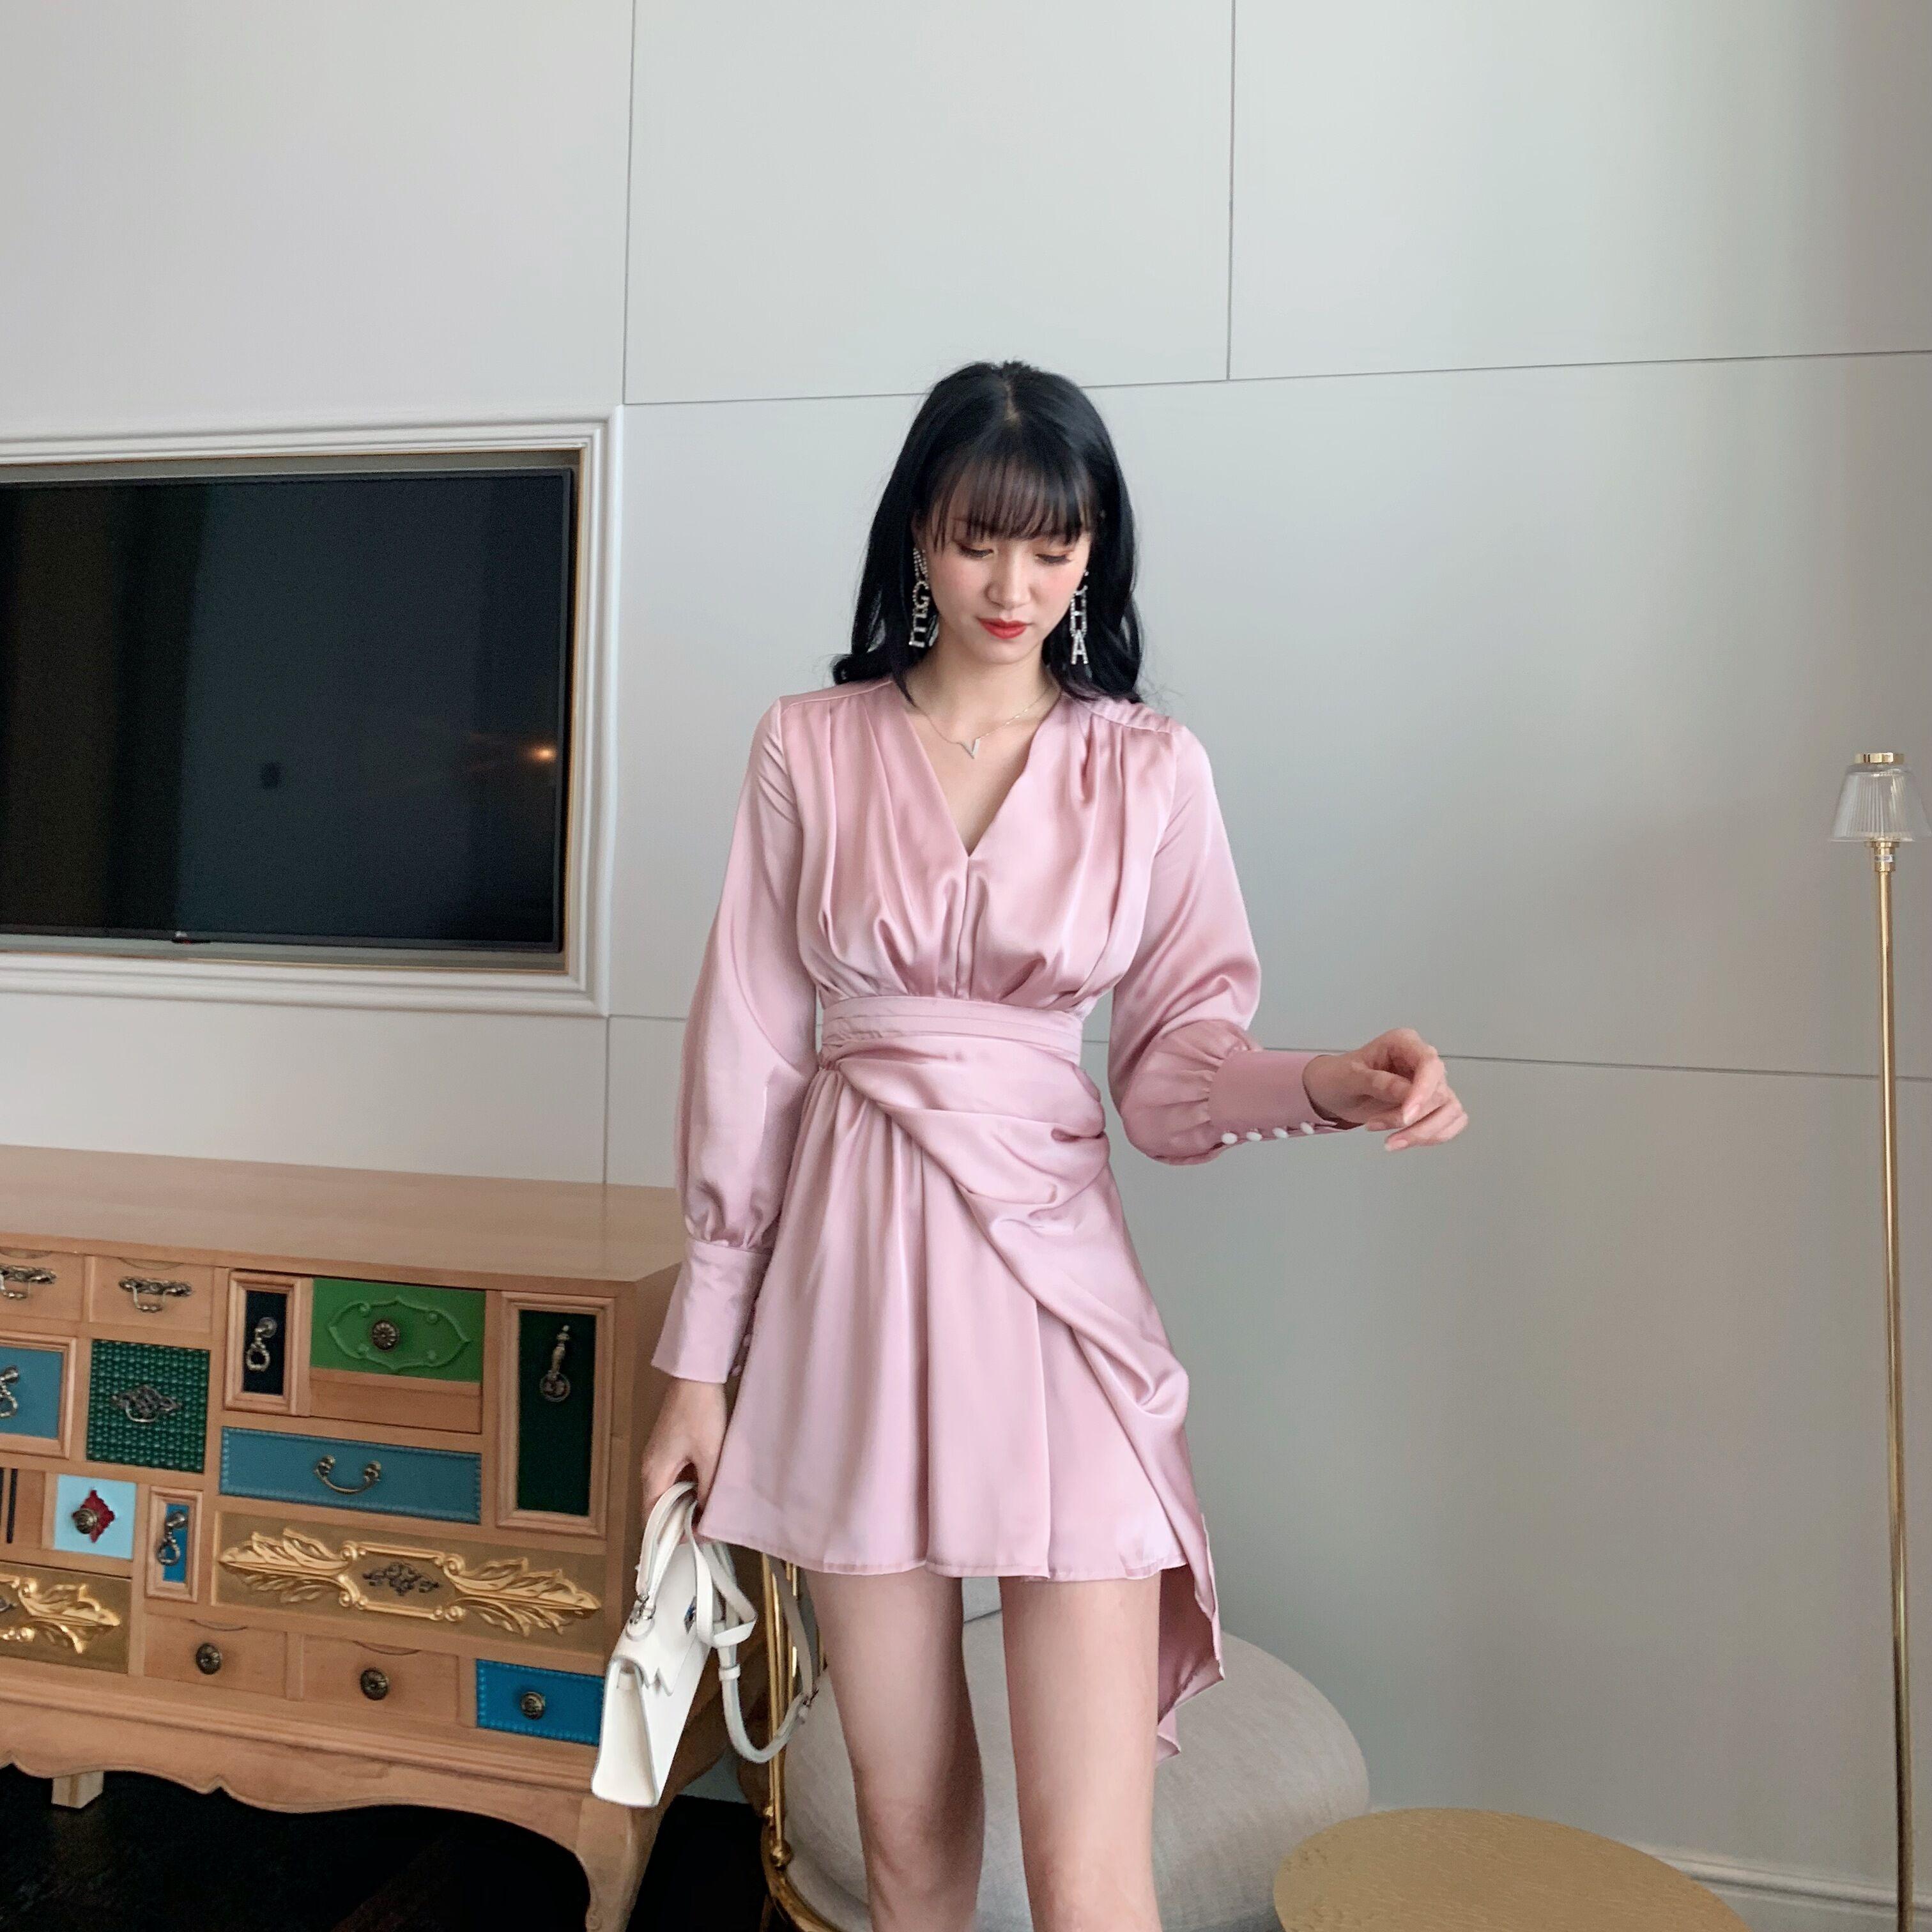 光泽感man分 cliiin西林家法式设计款收腰缎面系带连衣裙19秋新品(用1元券)